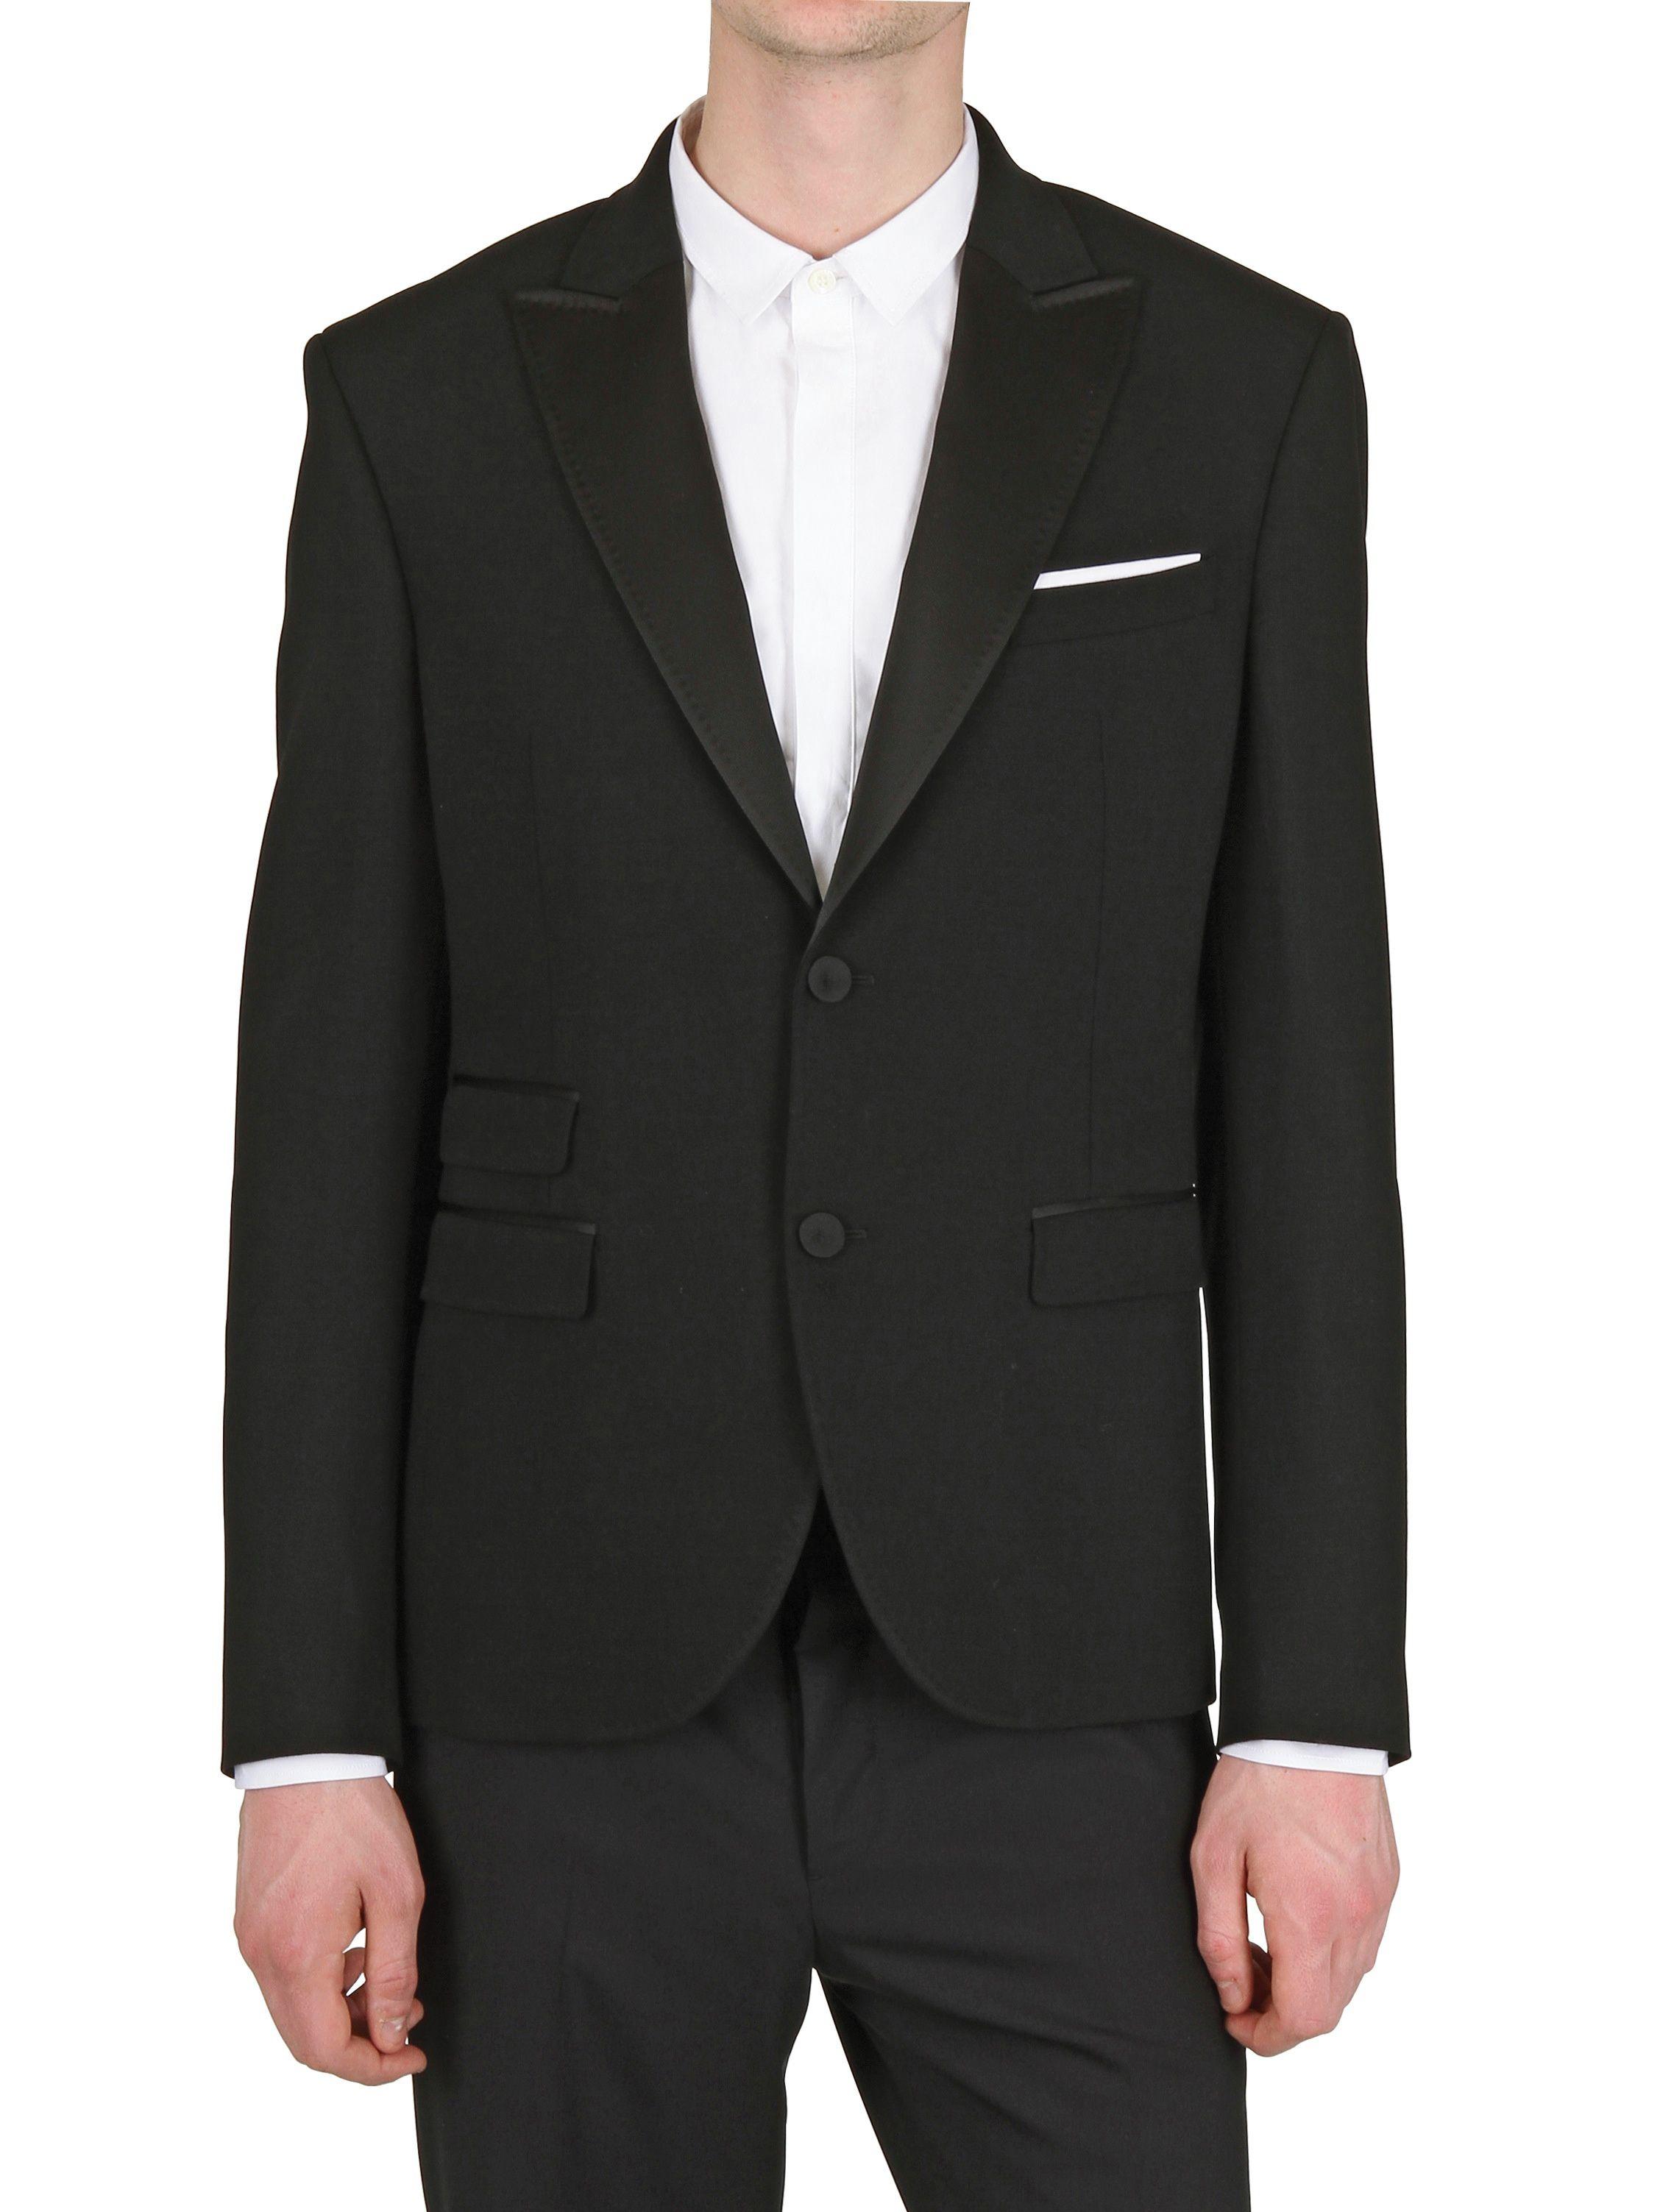 Neil barrett tuxedo wool crepe jacket in black for men lyst for Neil barrett tuxedo shirt